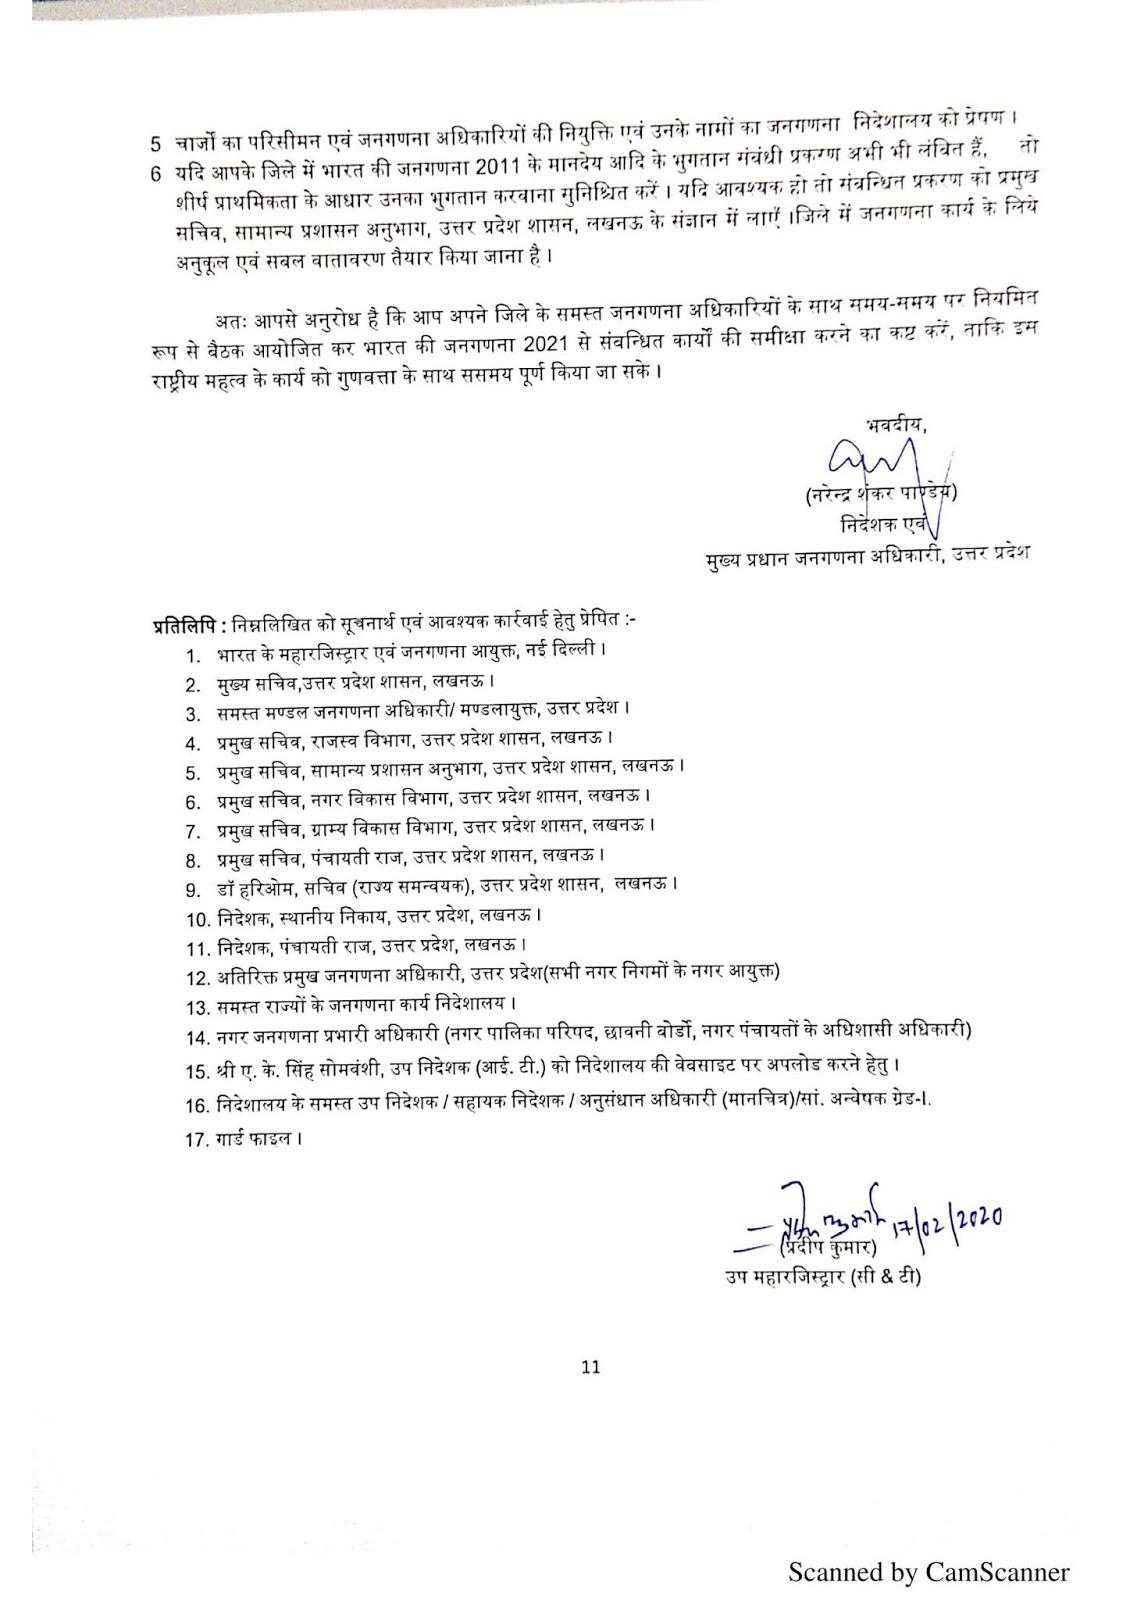 भारत की जनगणना 2021 विषयक सामान्य विवरण एवं प्रारंभिक तैयारियों के संबंध में आदेश जारी